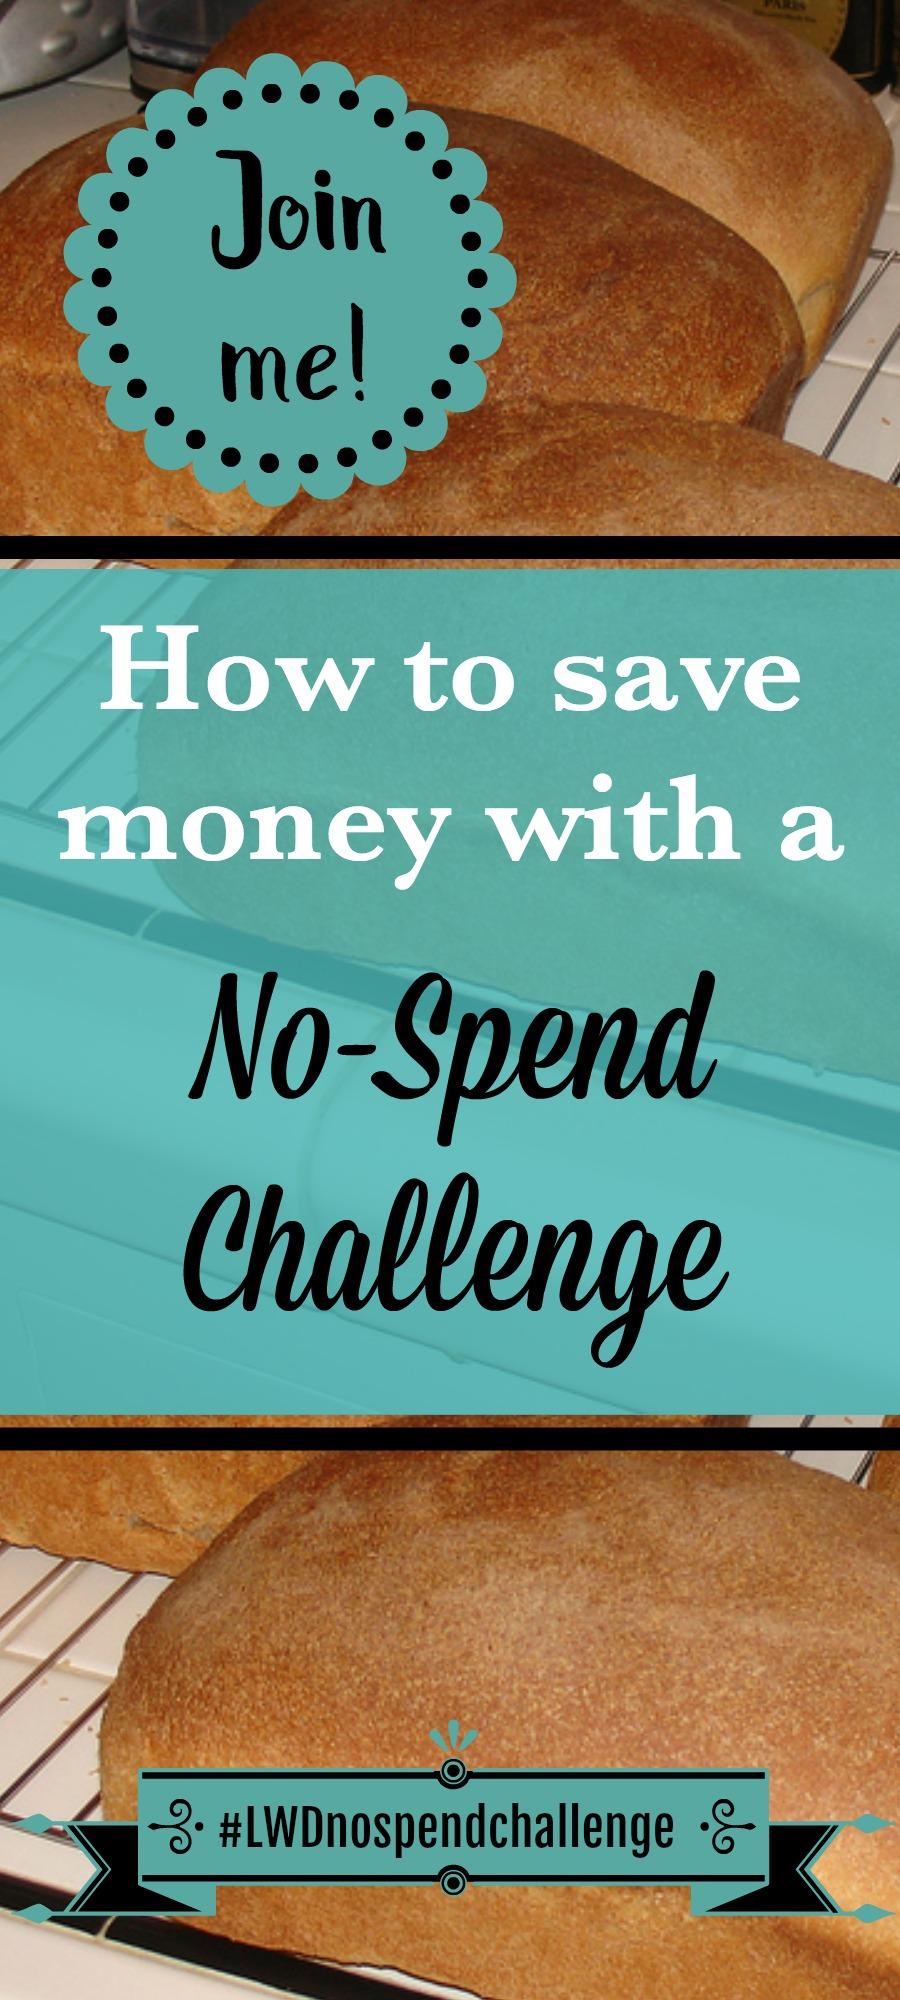 No-spend Challenge